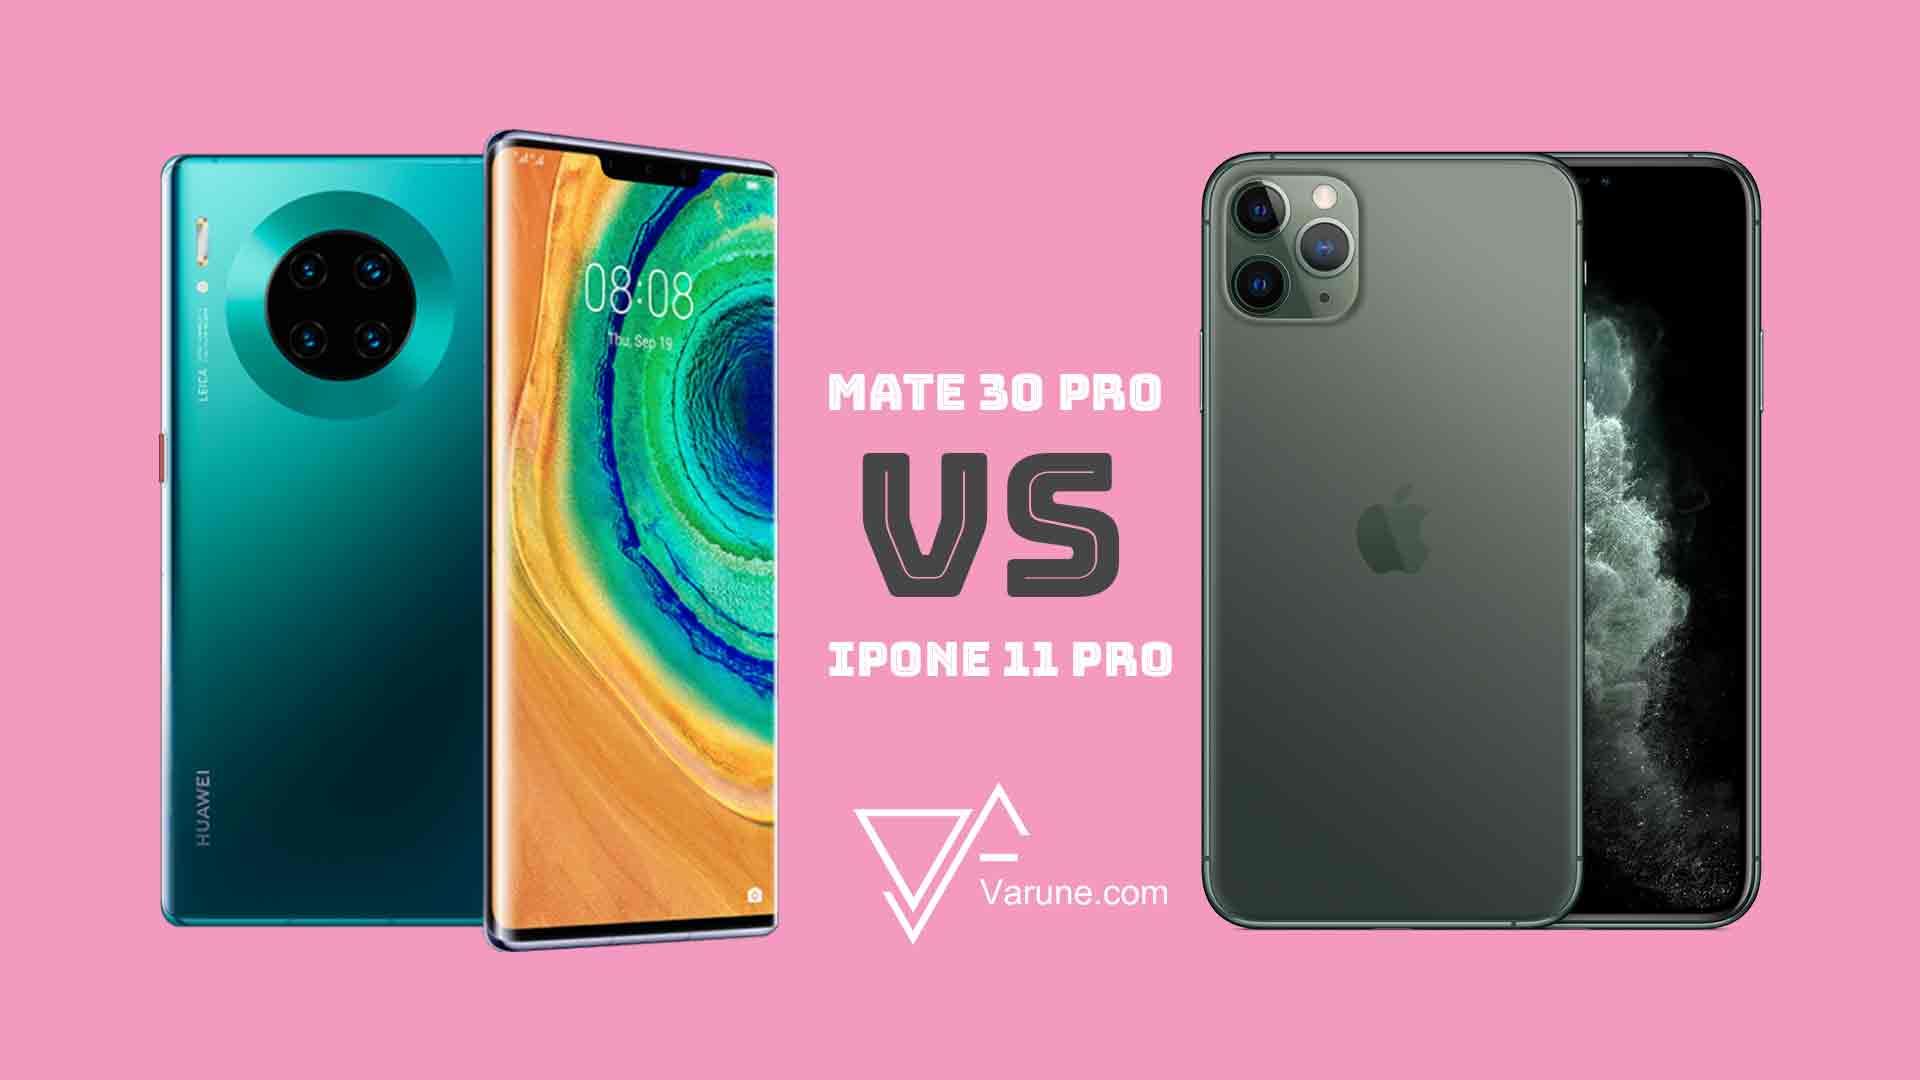 مقایسه هوآوی میت 30 پرو با آیفون 11 پرو ؛ کدام اسمارت فون پرو بهتر است؟